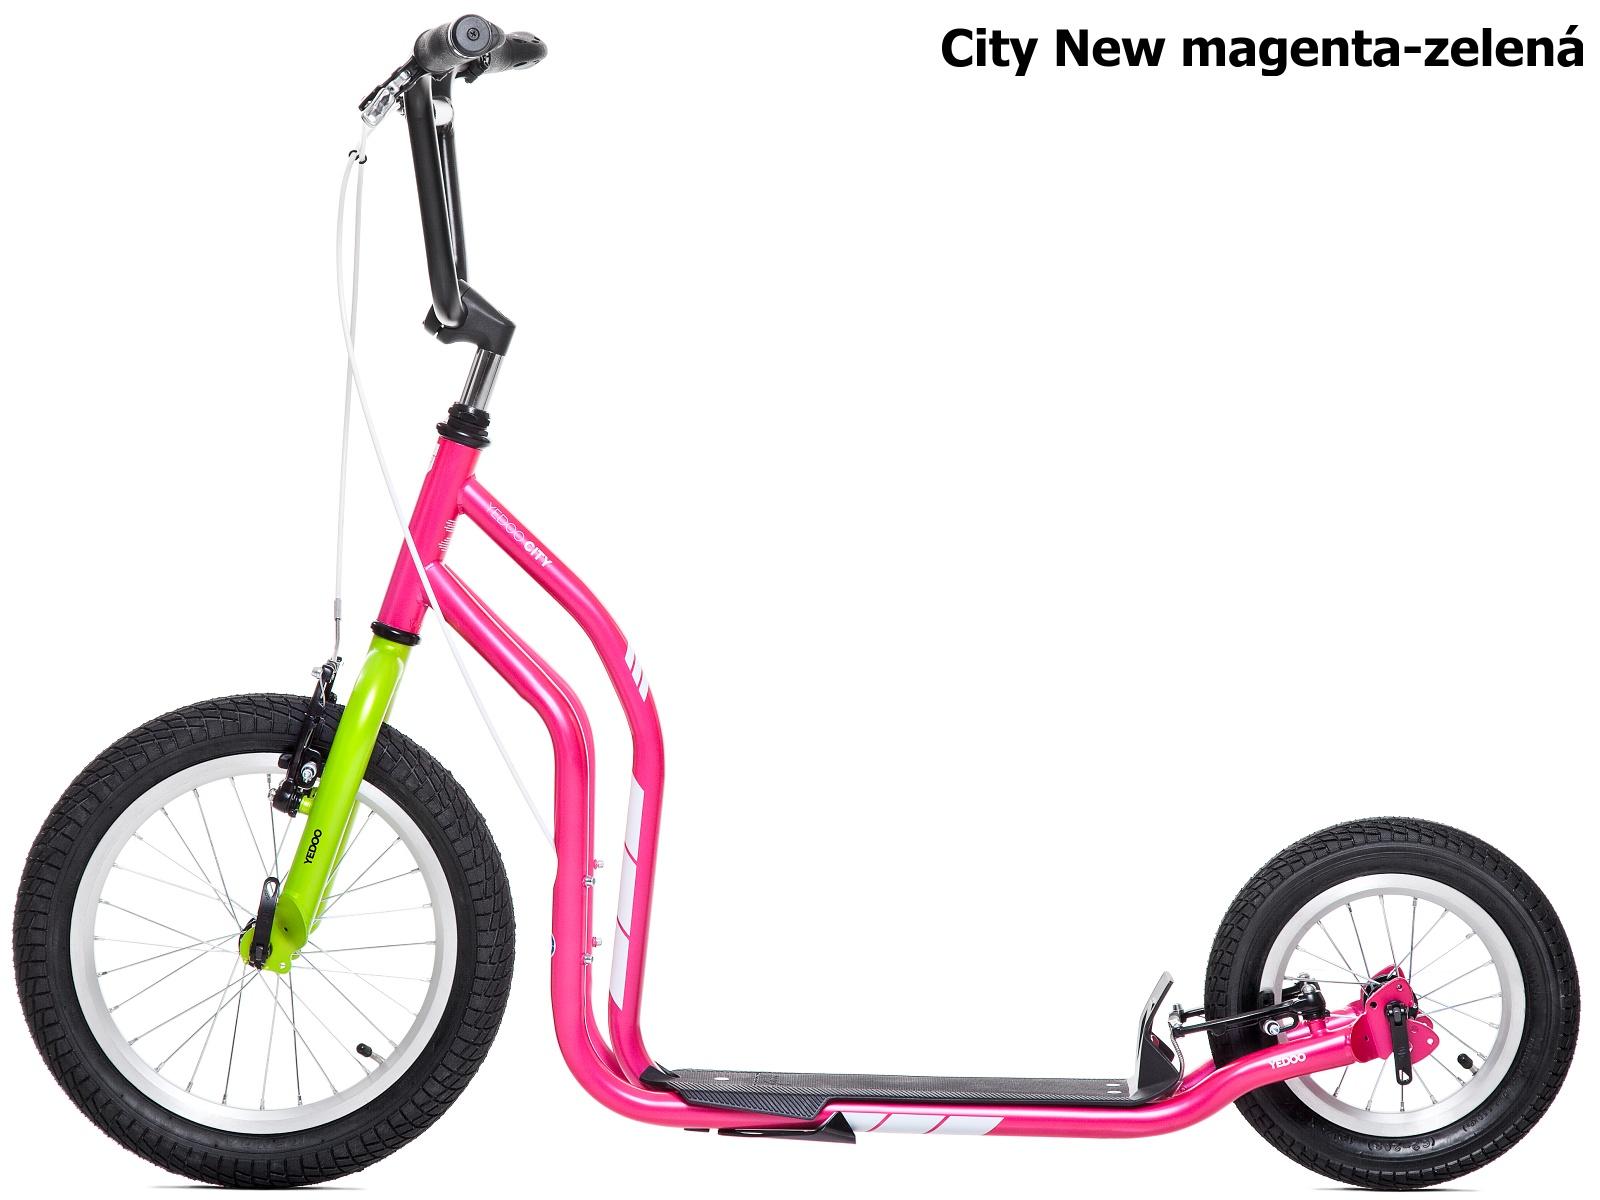 Koloběžka YEDOO City New 16-12 magenta-zelená